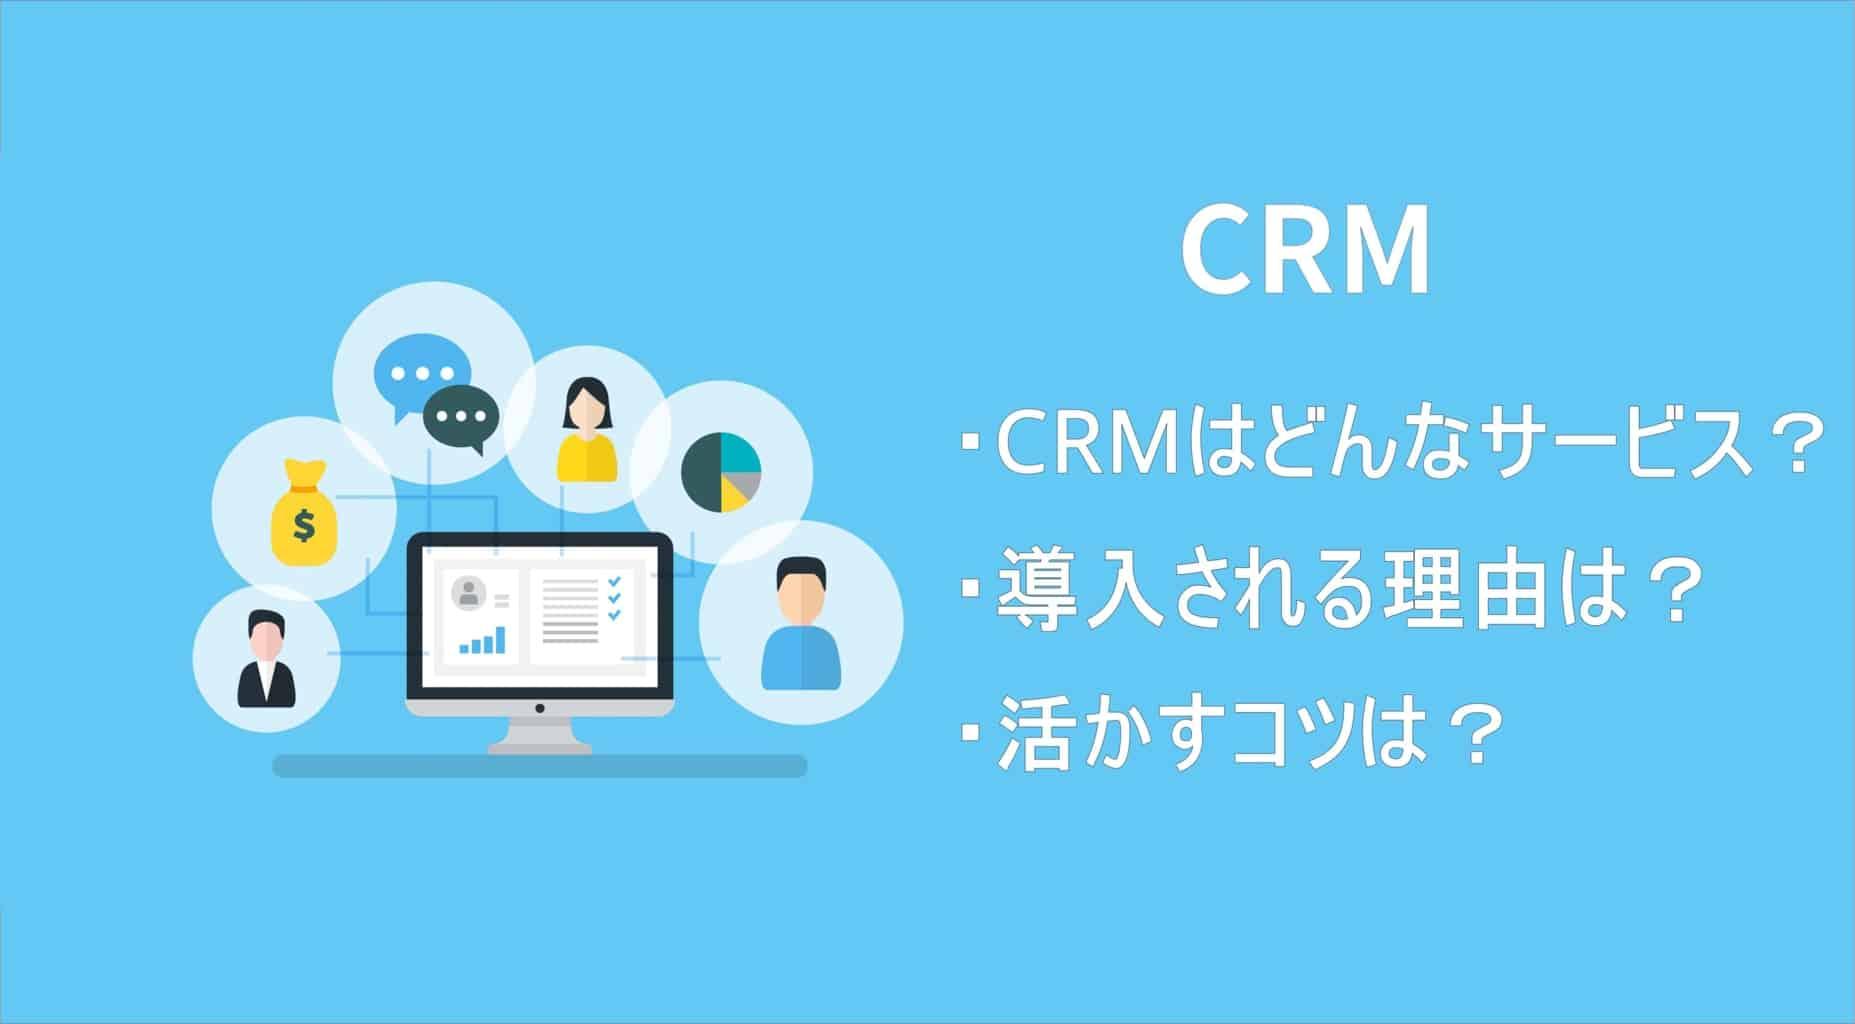 CRMはどんなサービス?CRMシステムの役割や活かすコツも紹介!